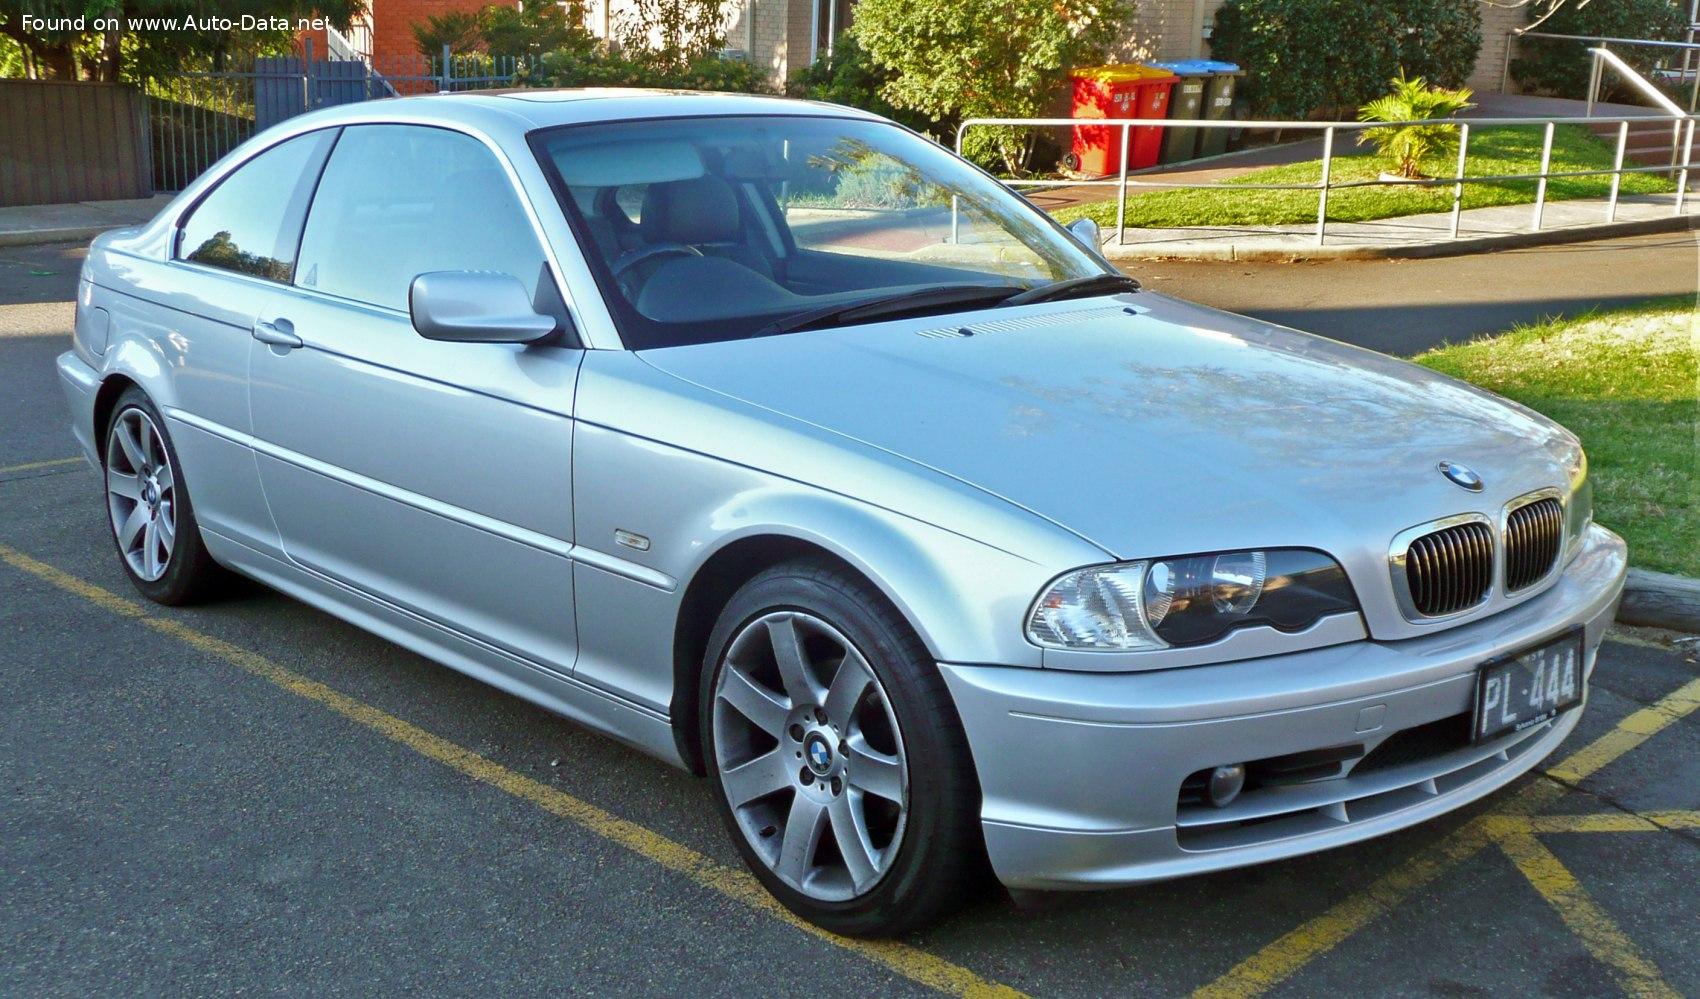 BMW 325Ci 2001. / Foto: Wiki Commons.